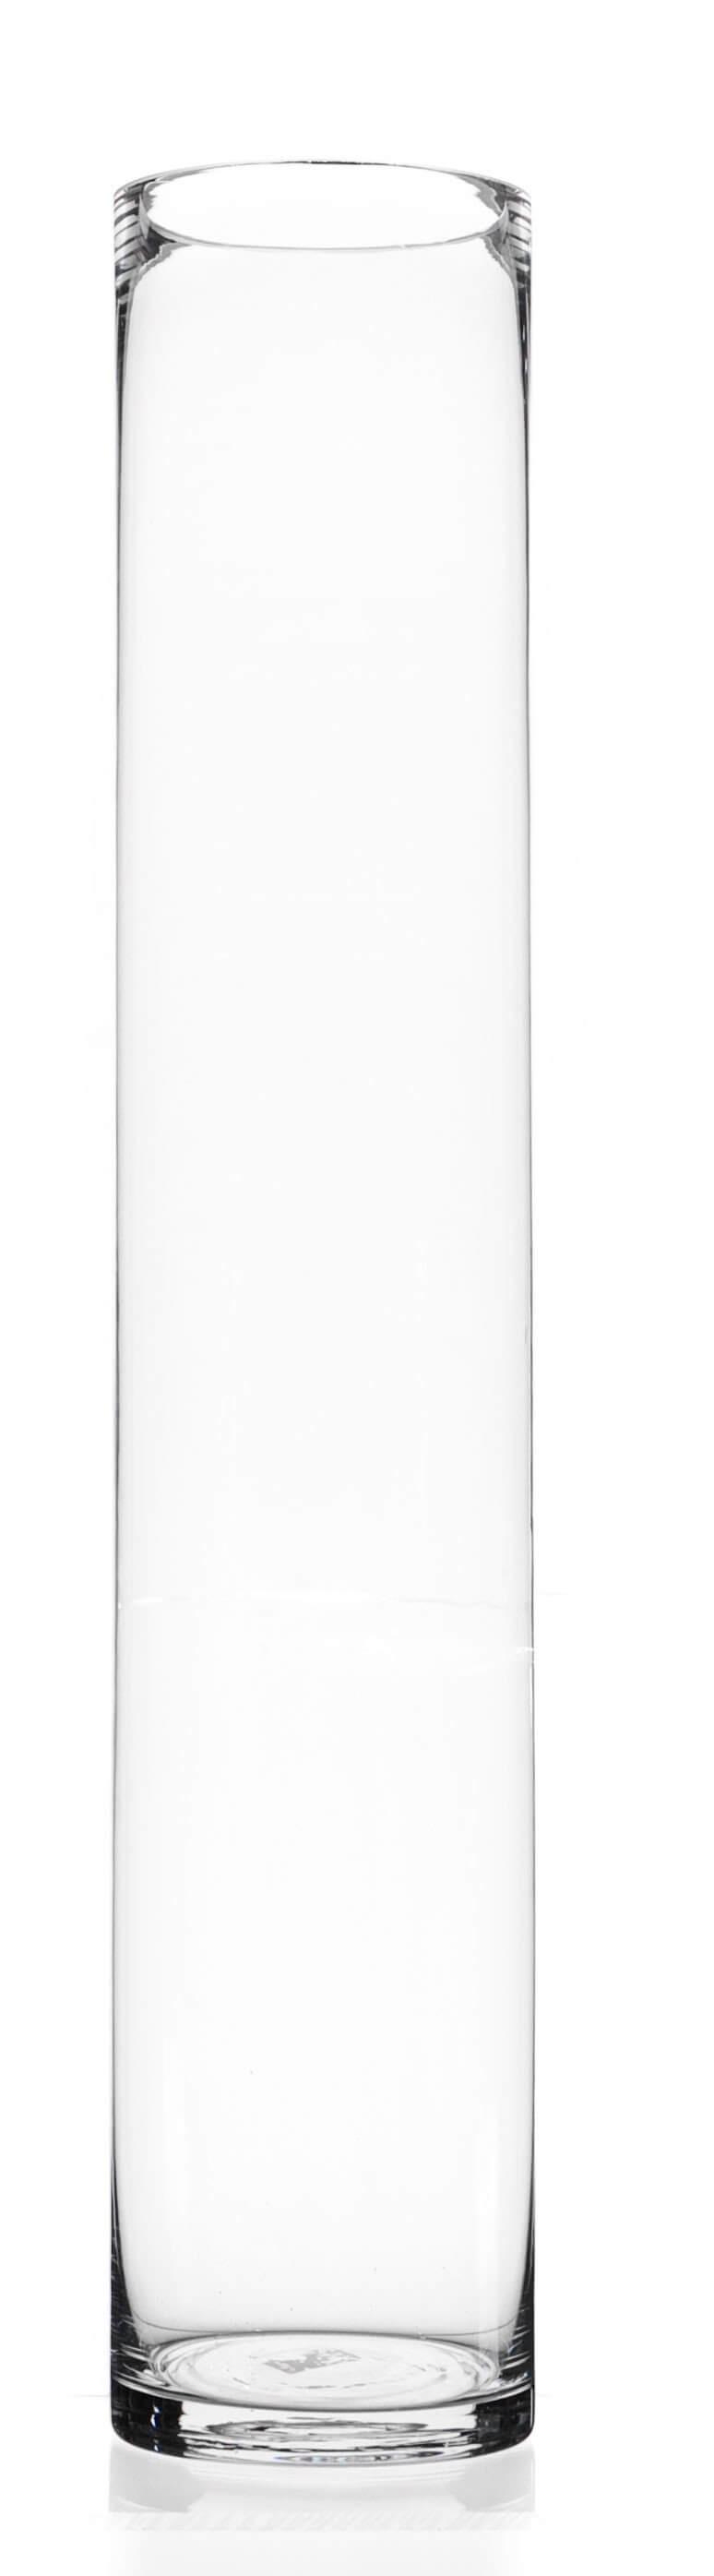 Vase 80X15cm